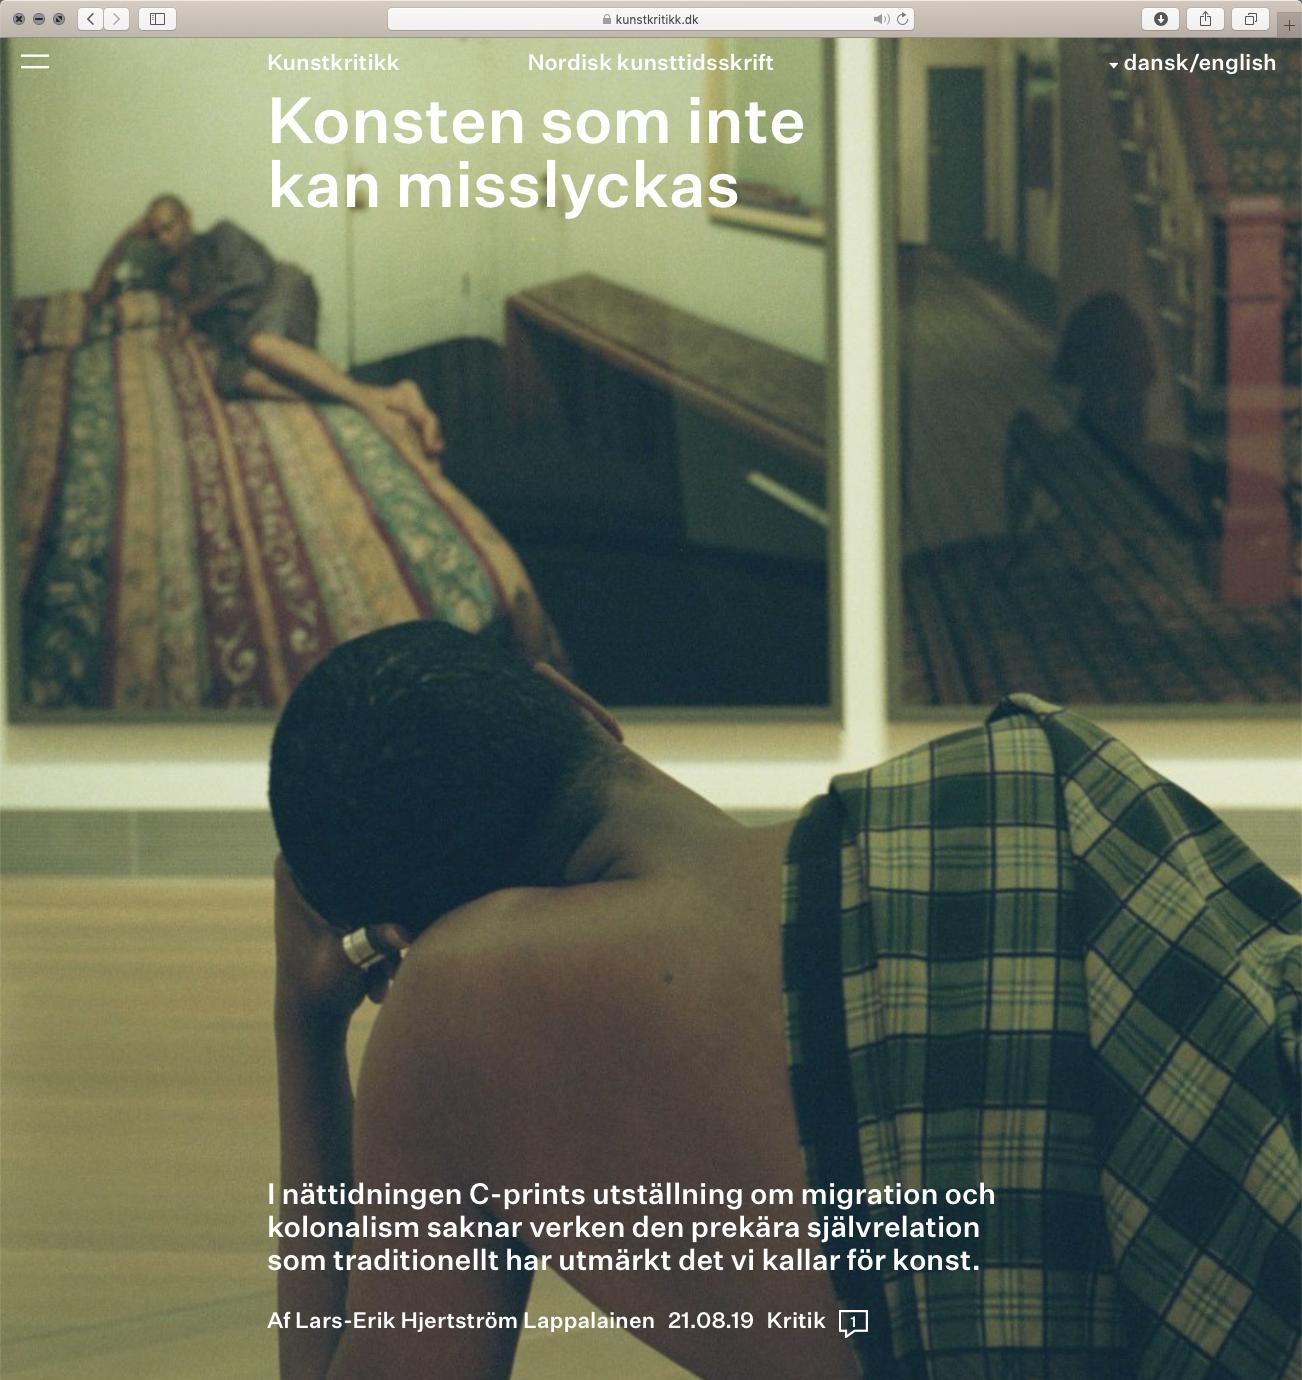 """""""Kunstkritikk"""" review of 'Absolute Affirmation' https://kunstkritikk.se/konst-som-inte-kan-misslyckas/ - Av Lars-Erik Hjertström Lappalainen 21.08.19"""